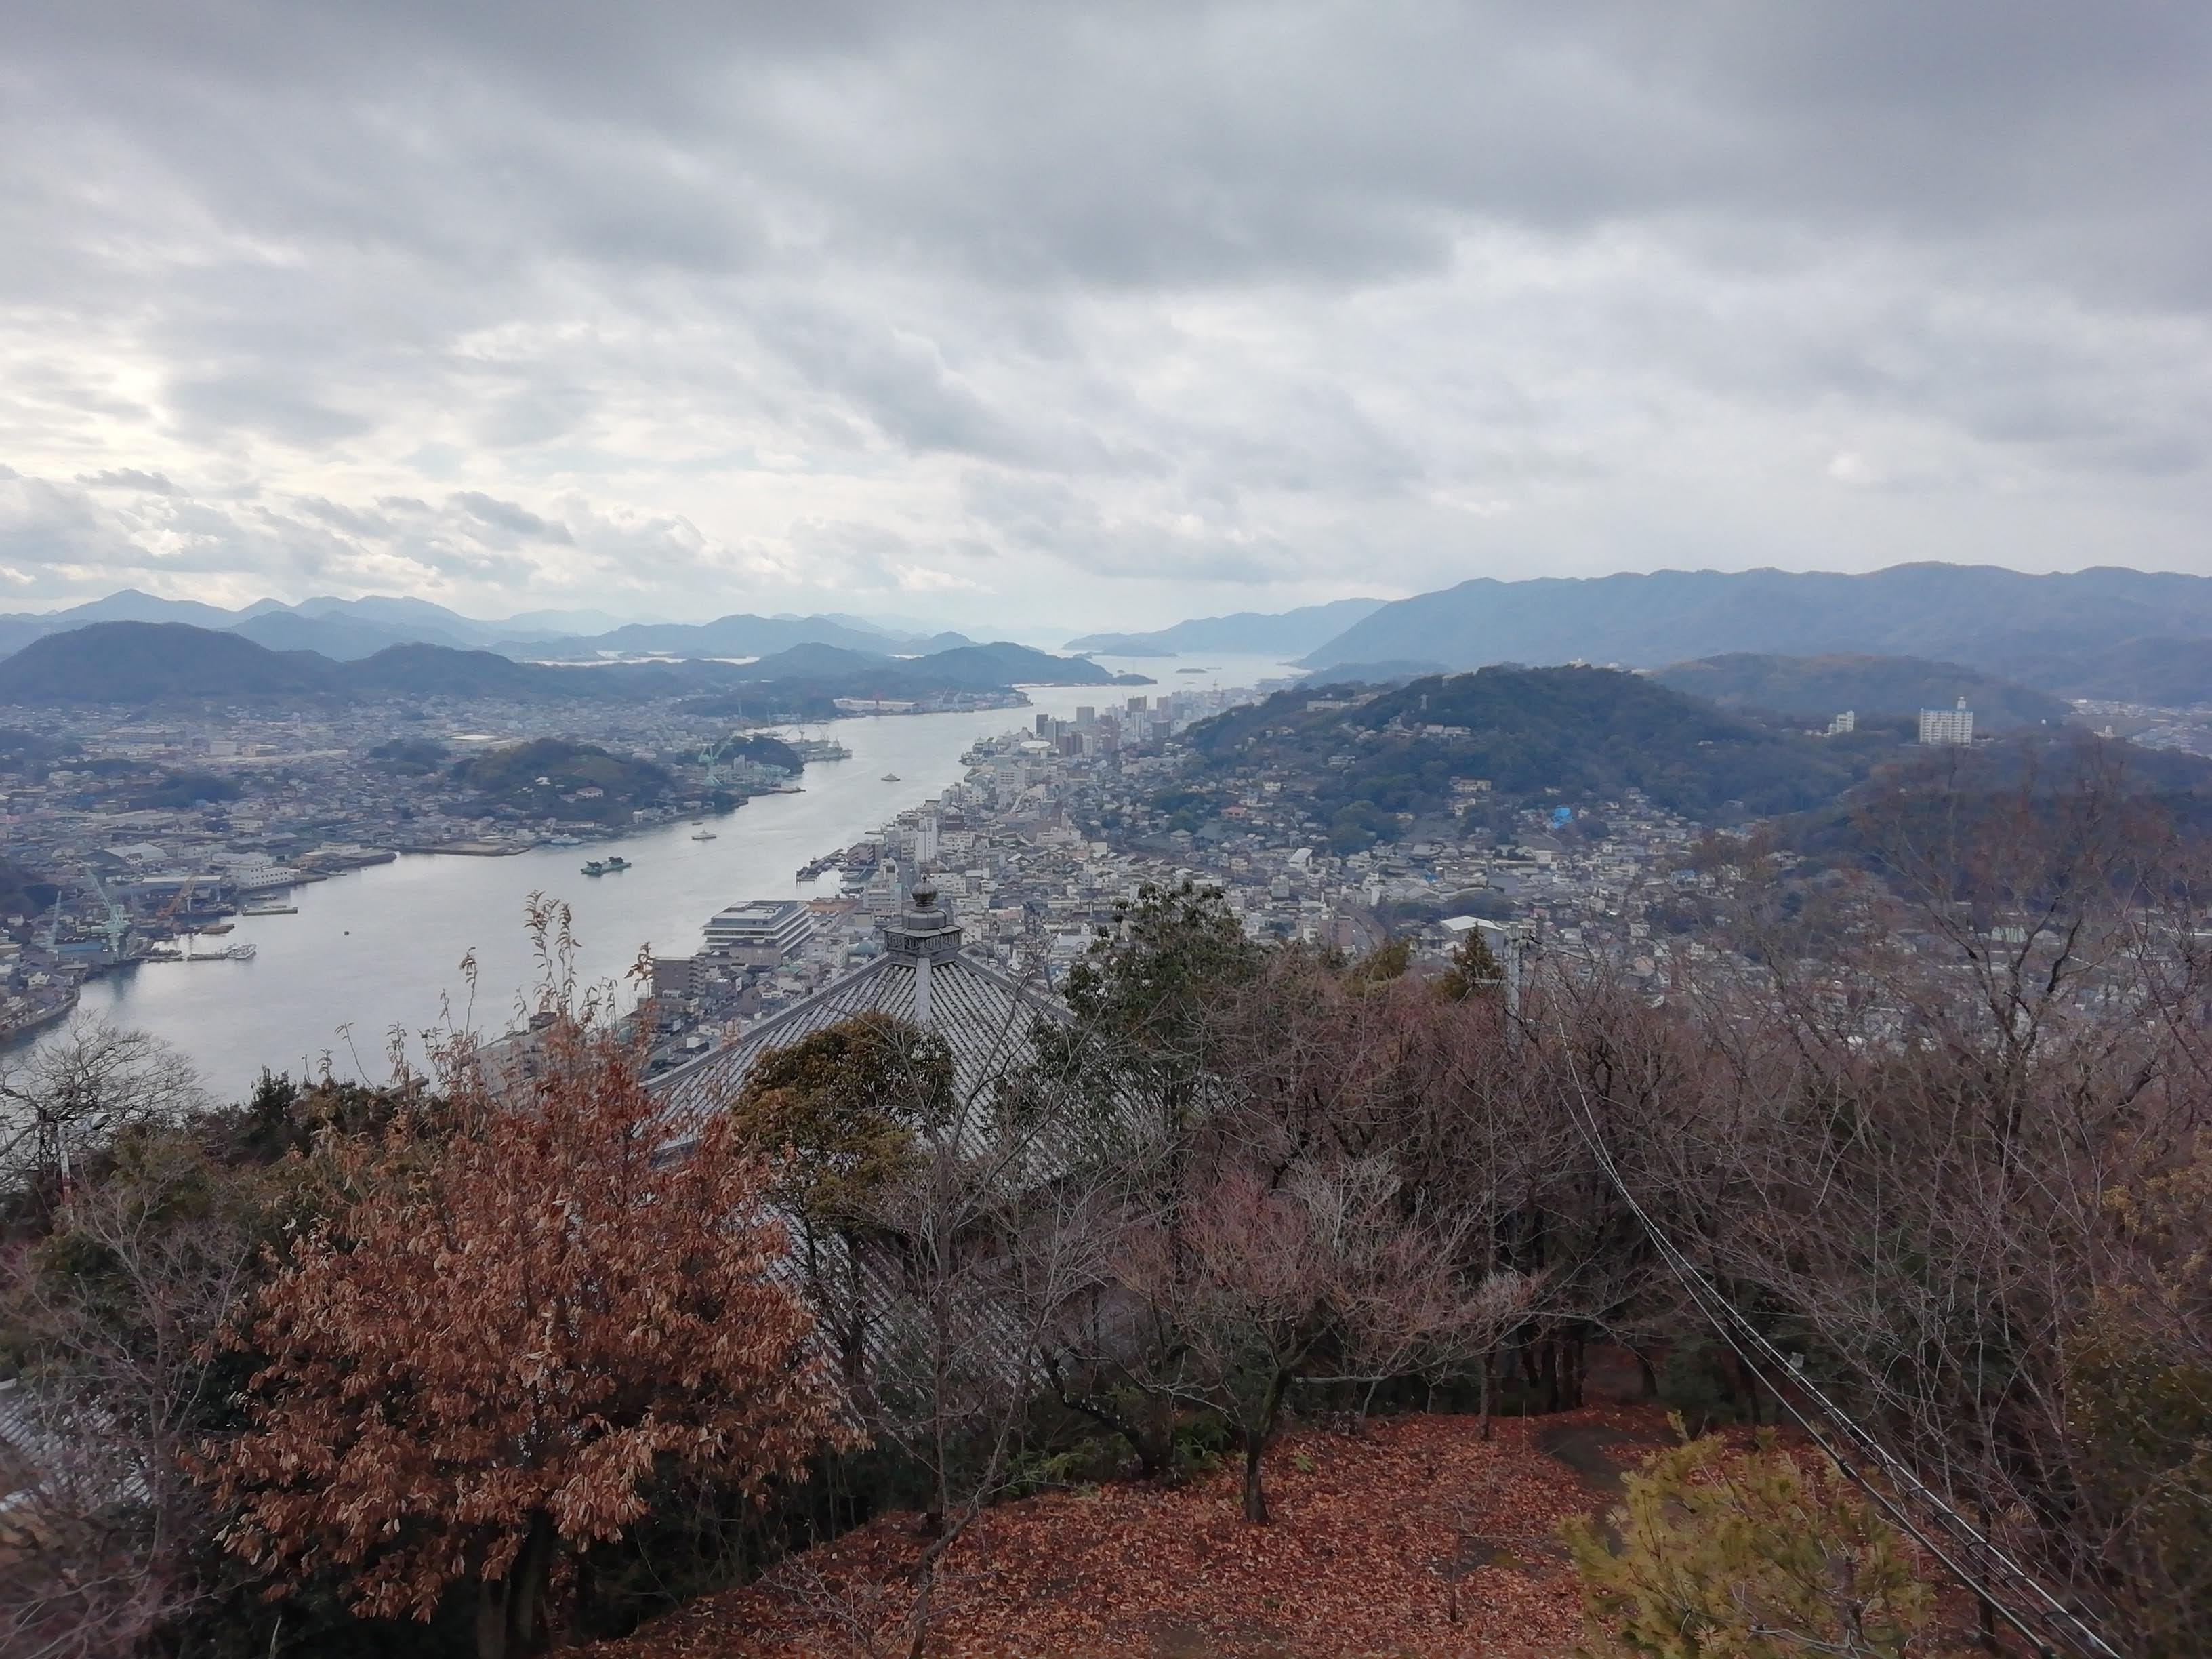 広島里山あるき「ひょんのき横あるき」チケット3月28日日曜日尾道市浄土寺山と猫の小路のイメージその1